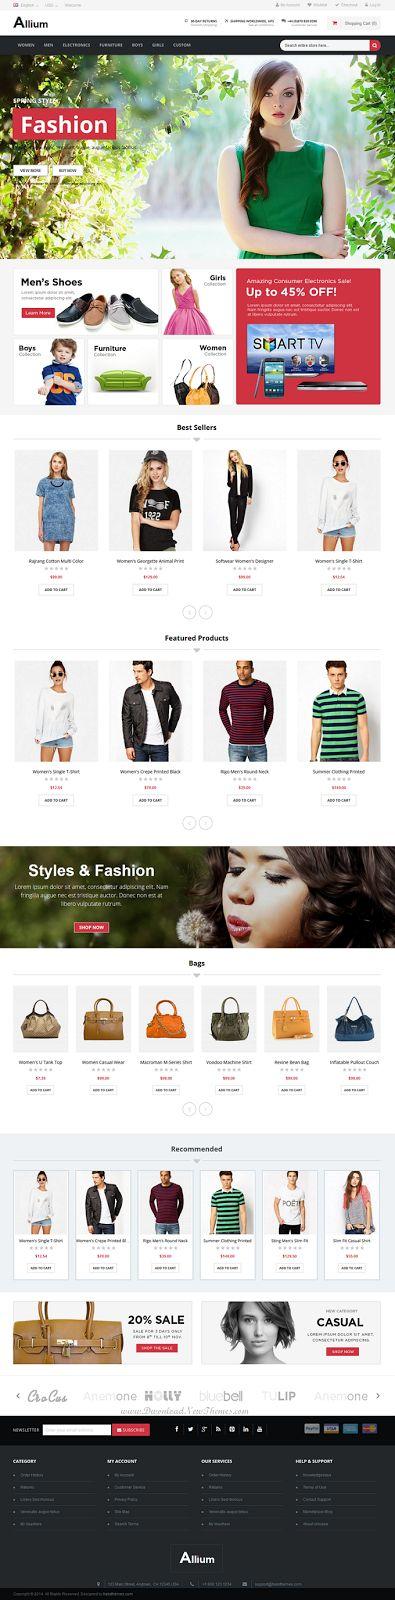 Allium Responsive Multipurpose Magento Theme #eCommerce #shop #store #design